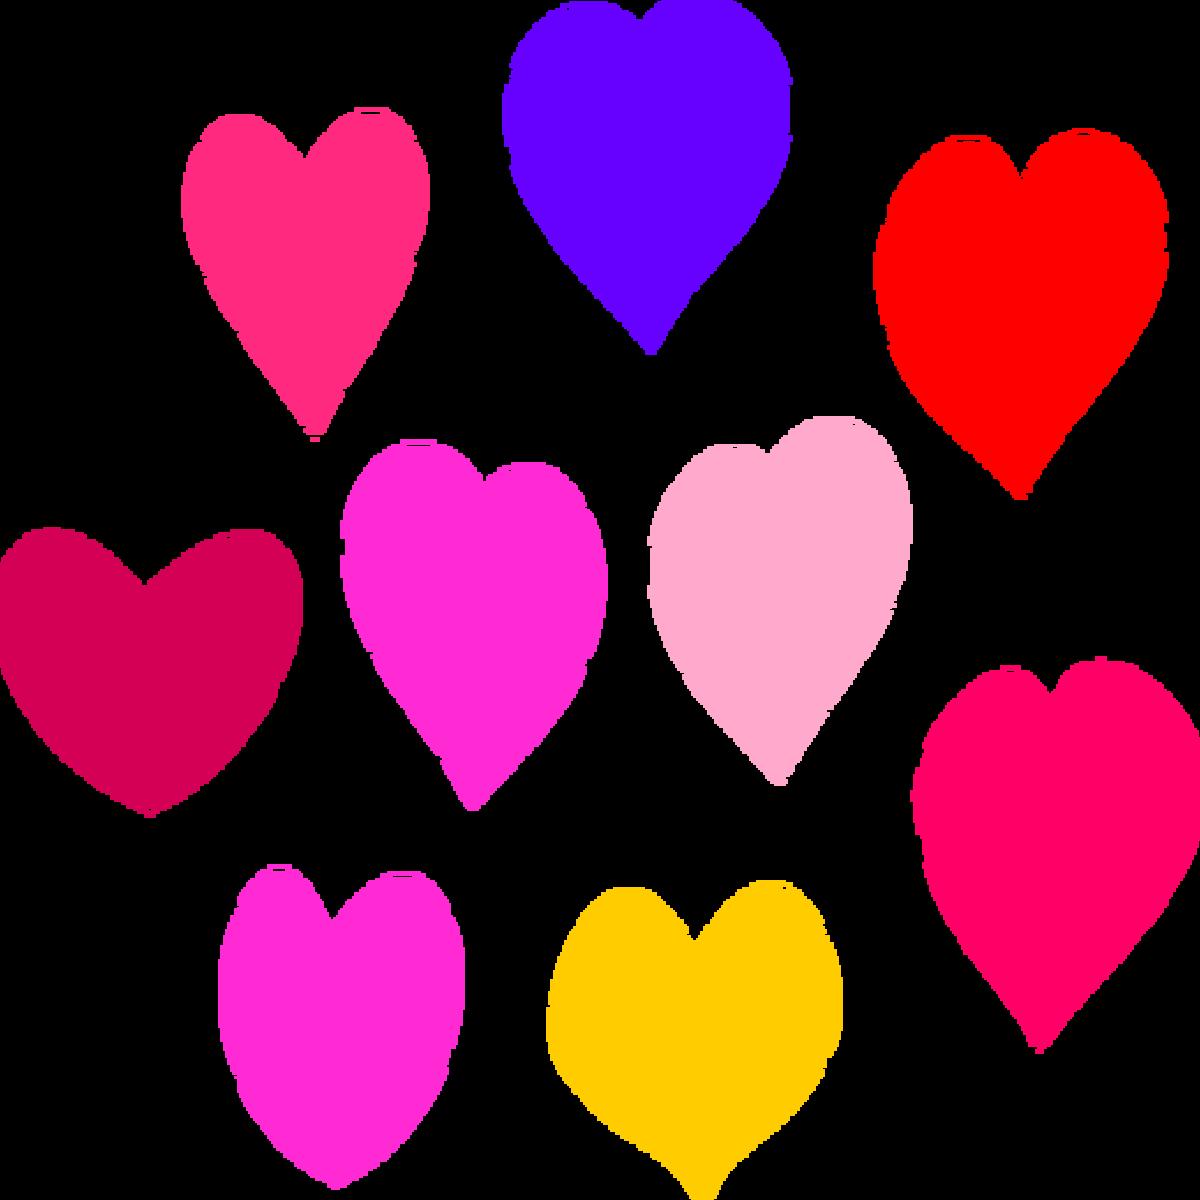 Hearts Clip Art Wallpaper